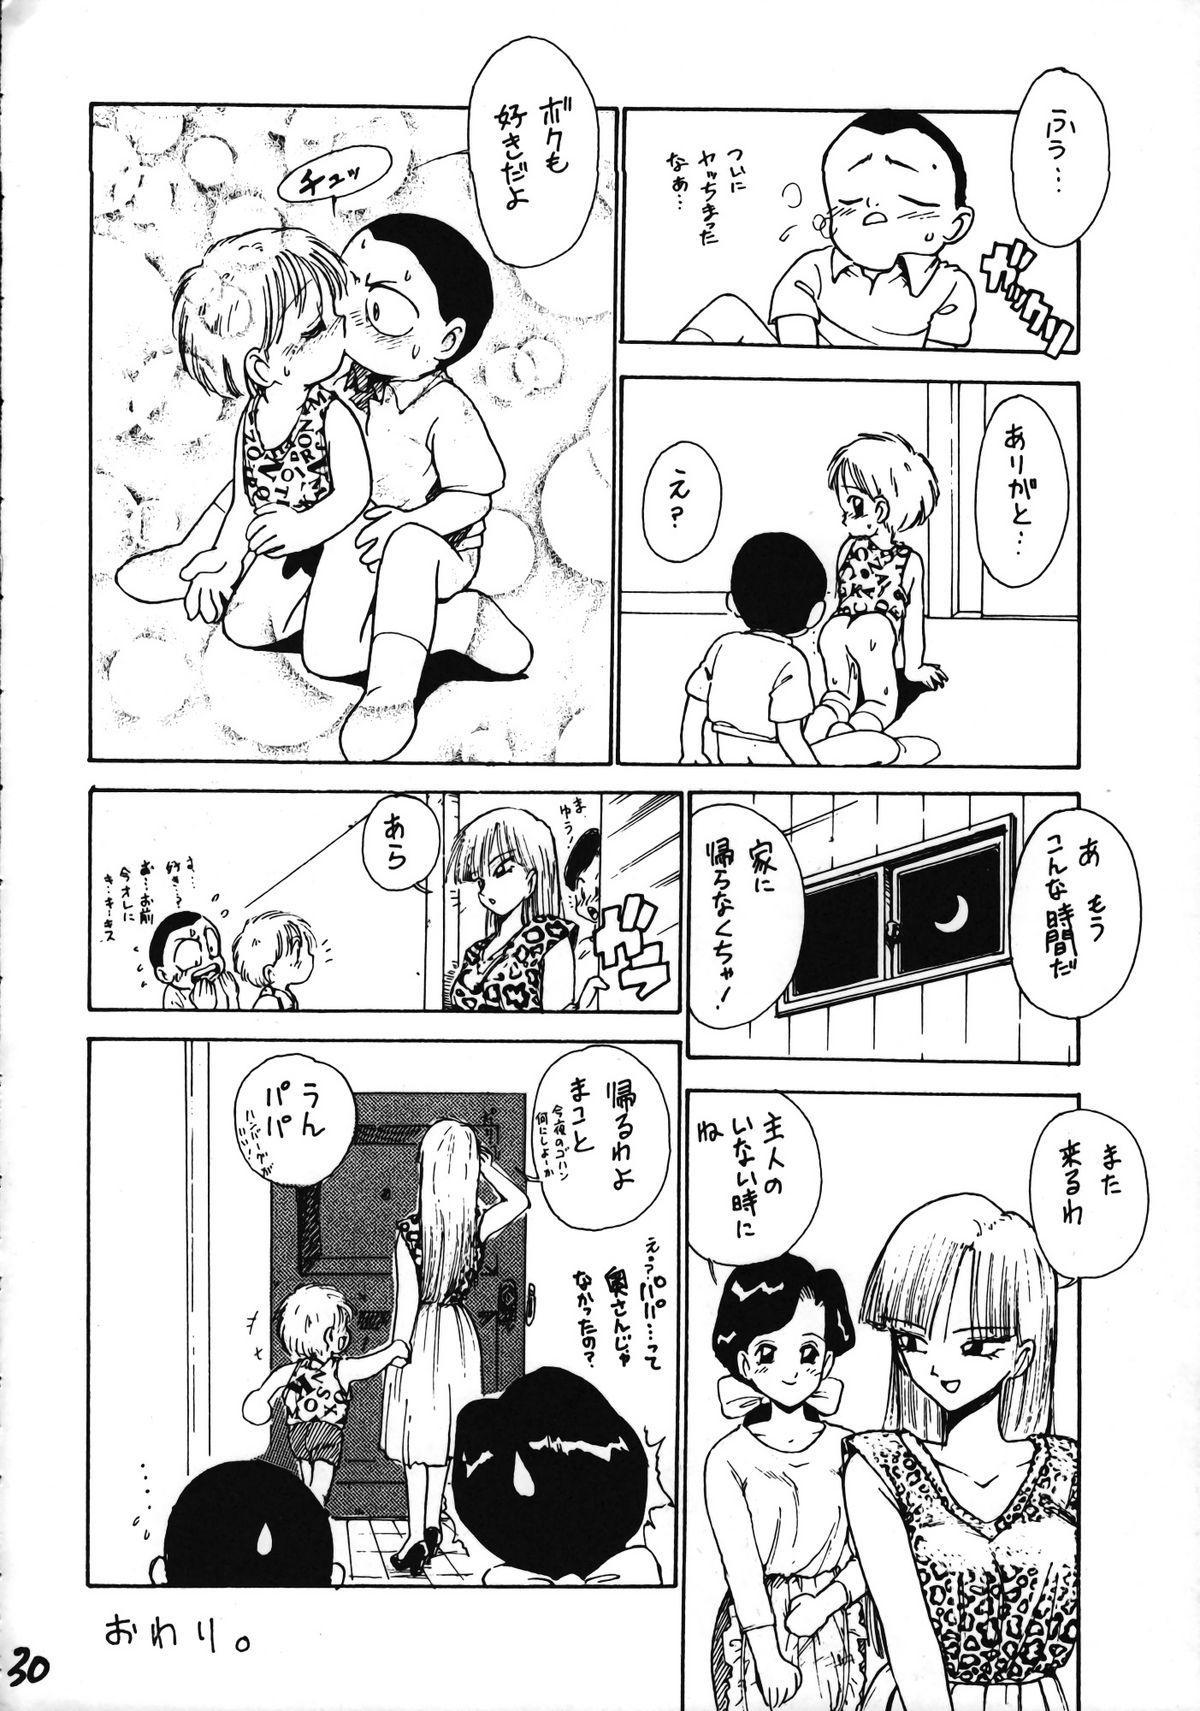 Ikenai! Otokonoko Hon Boy's H Book 2 30